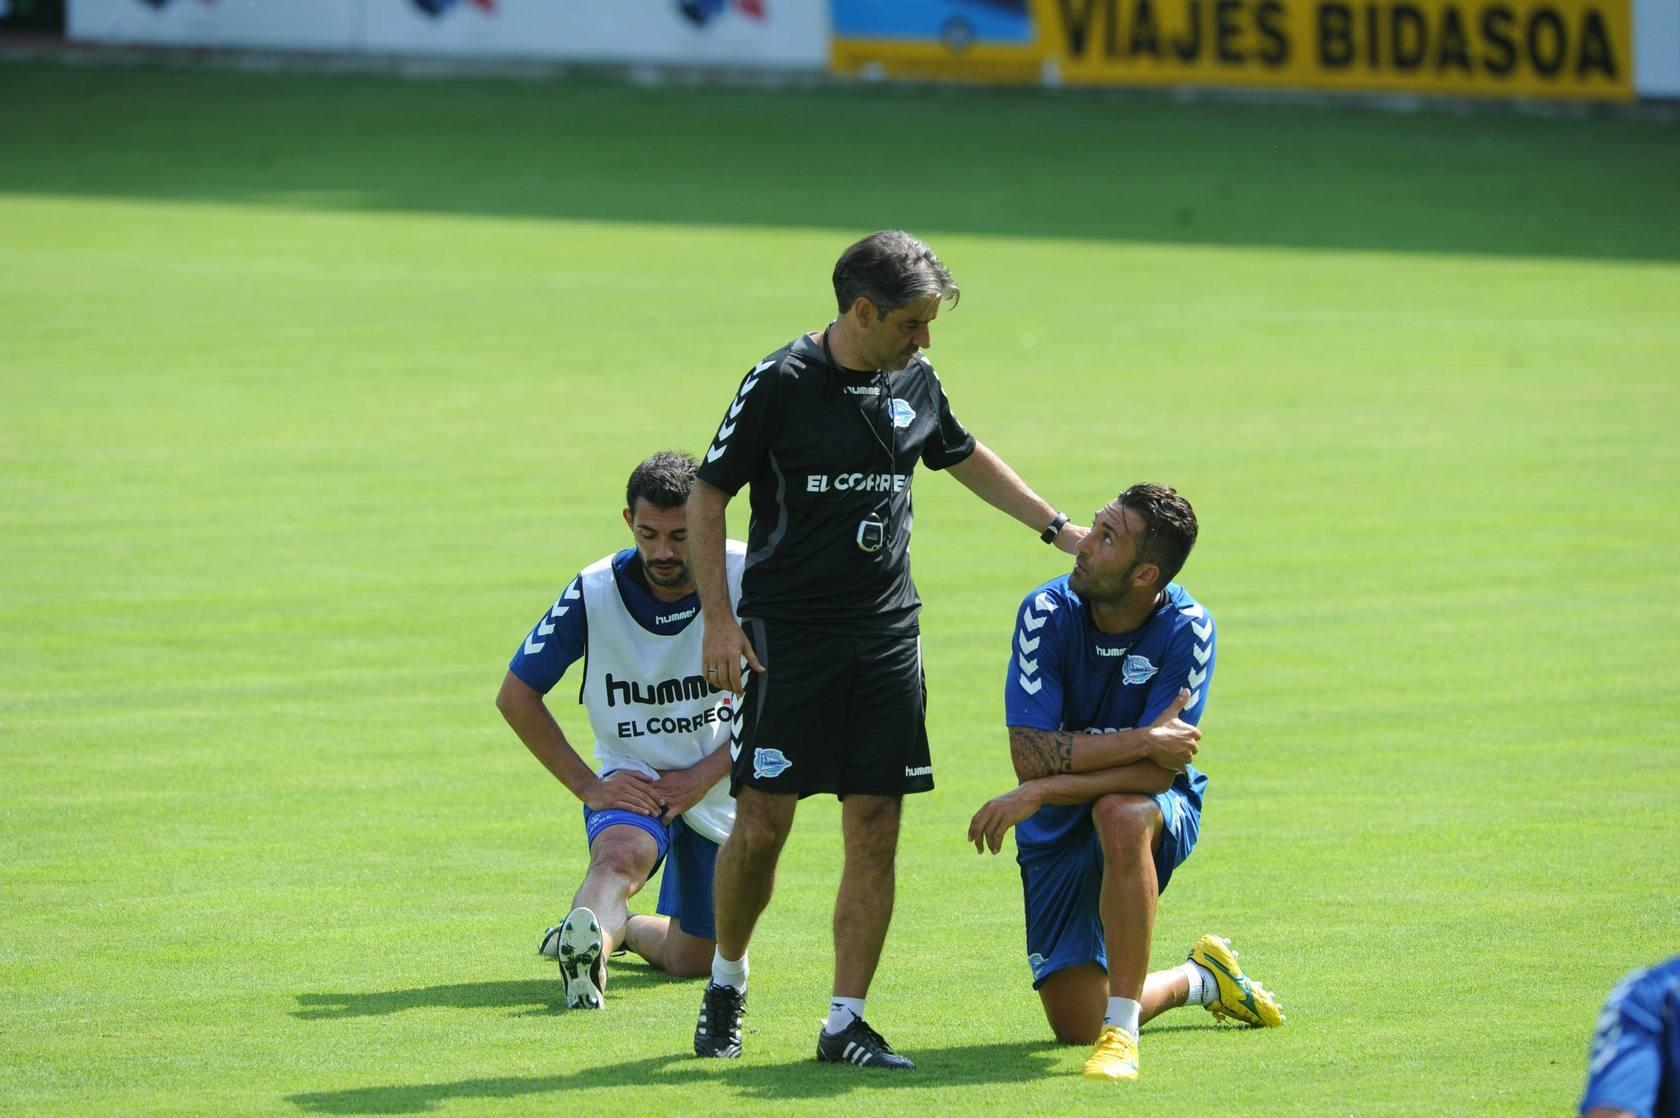 Primer entrenamiento del Deportivo Alavés